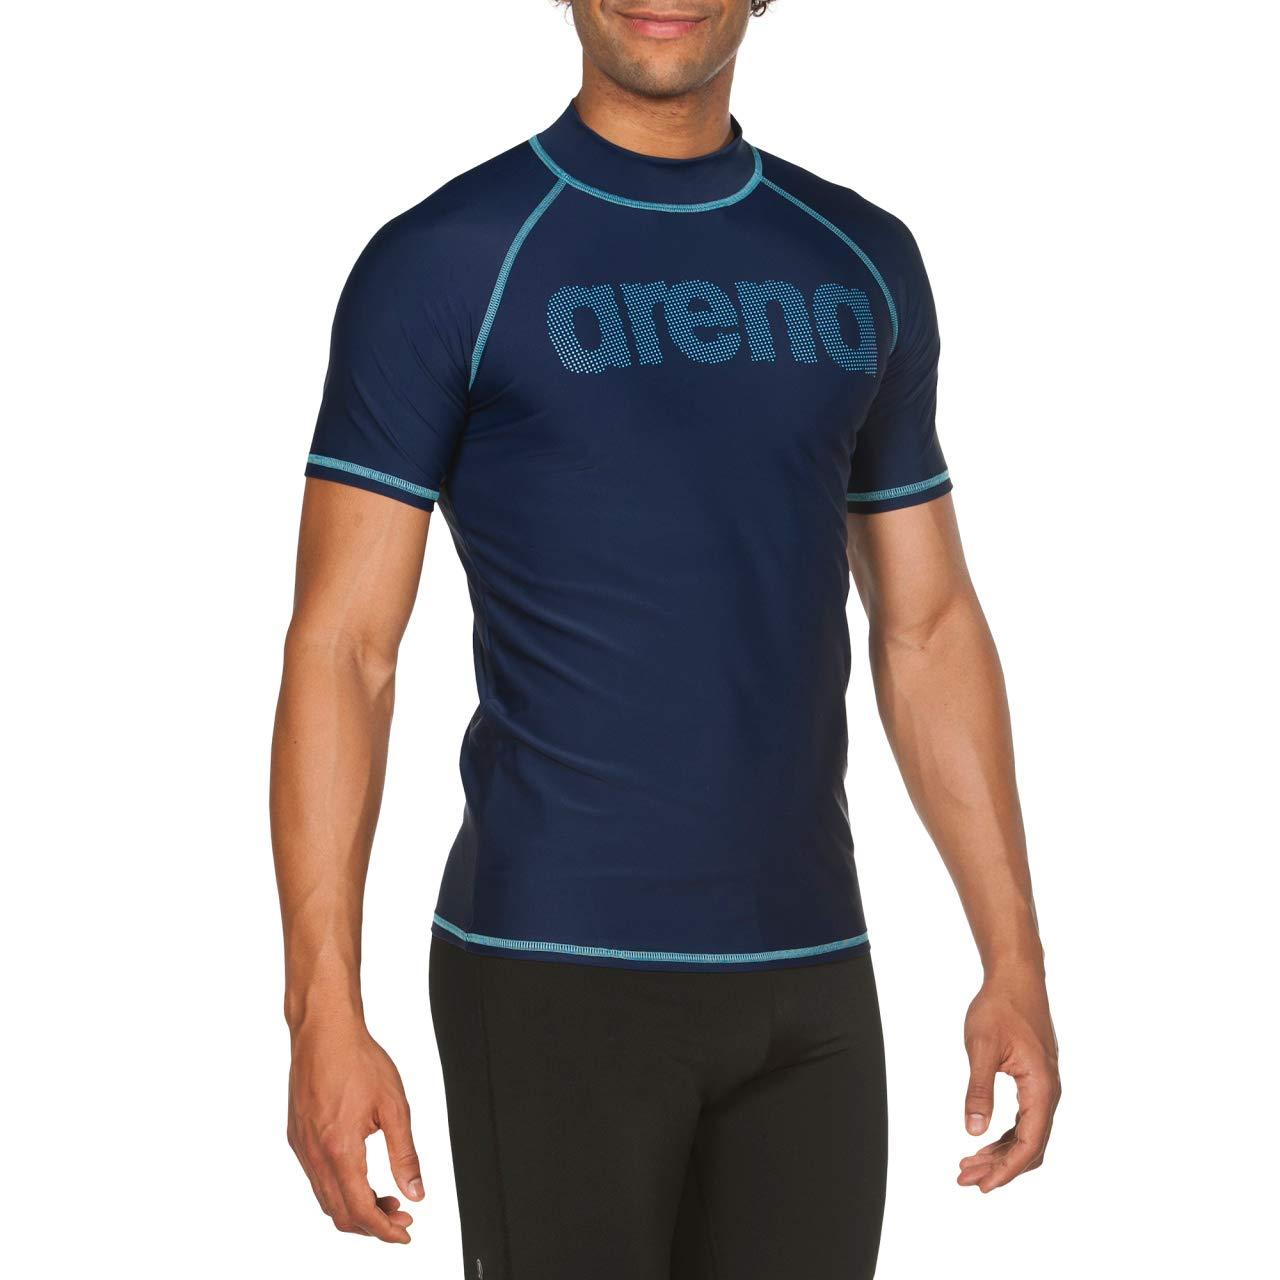 ARENA Man T-Shirt Camiseta De Manga Corta Hombre con Protecci/ón UV